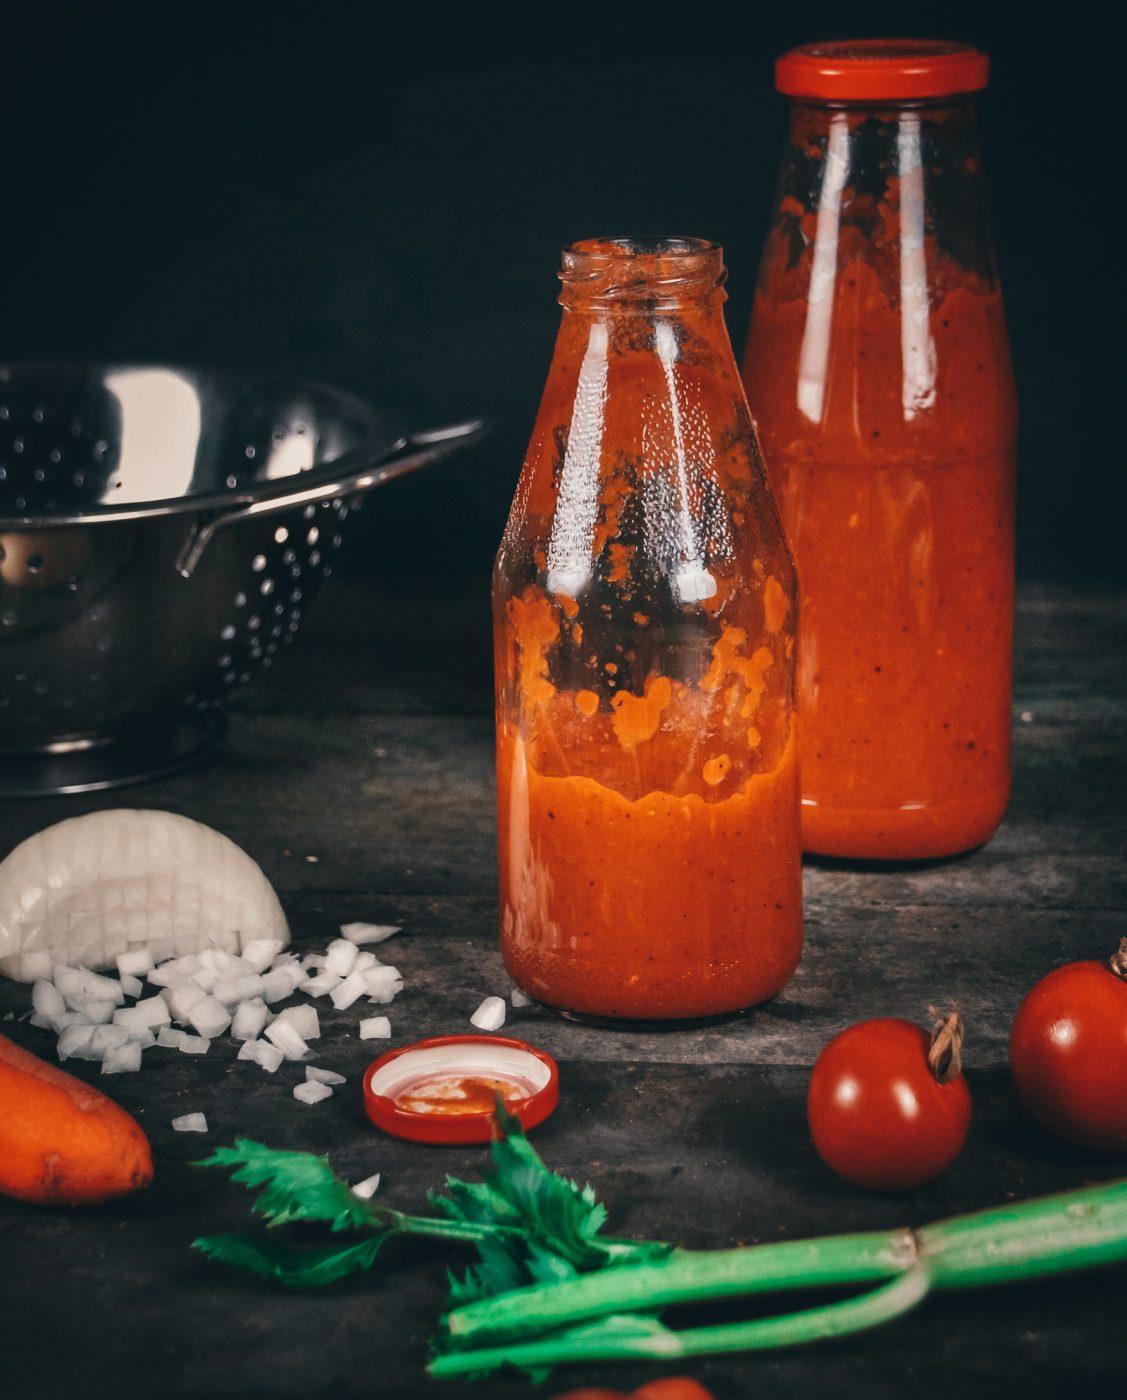 Passata auf Vorrat, dieser Tomatensauce ist der perfekte Alleskönner. Pizza, Pasta & Co. sind so flott gemacht.